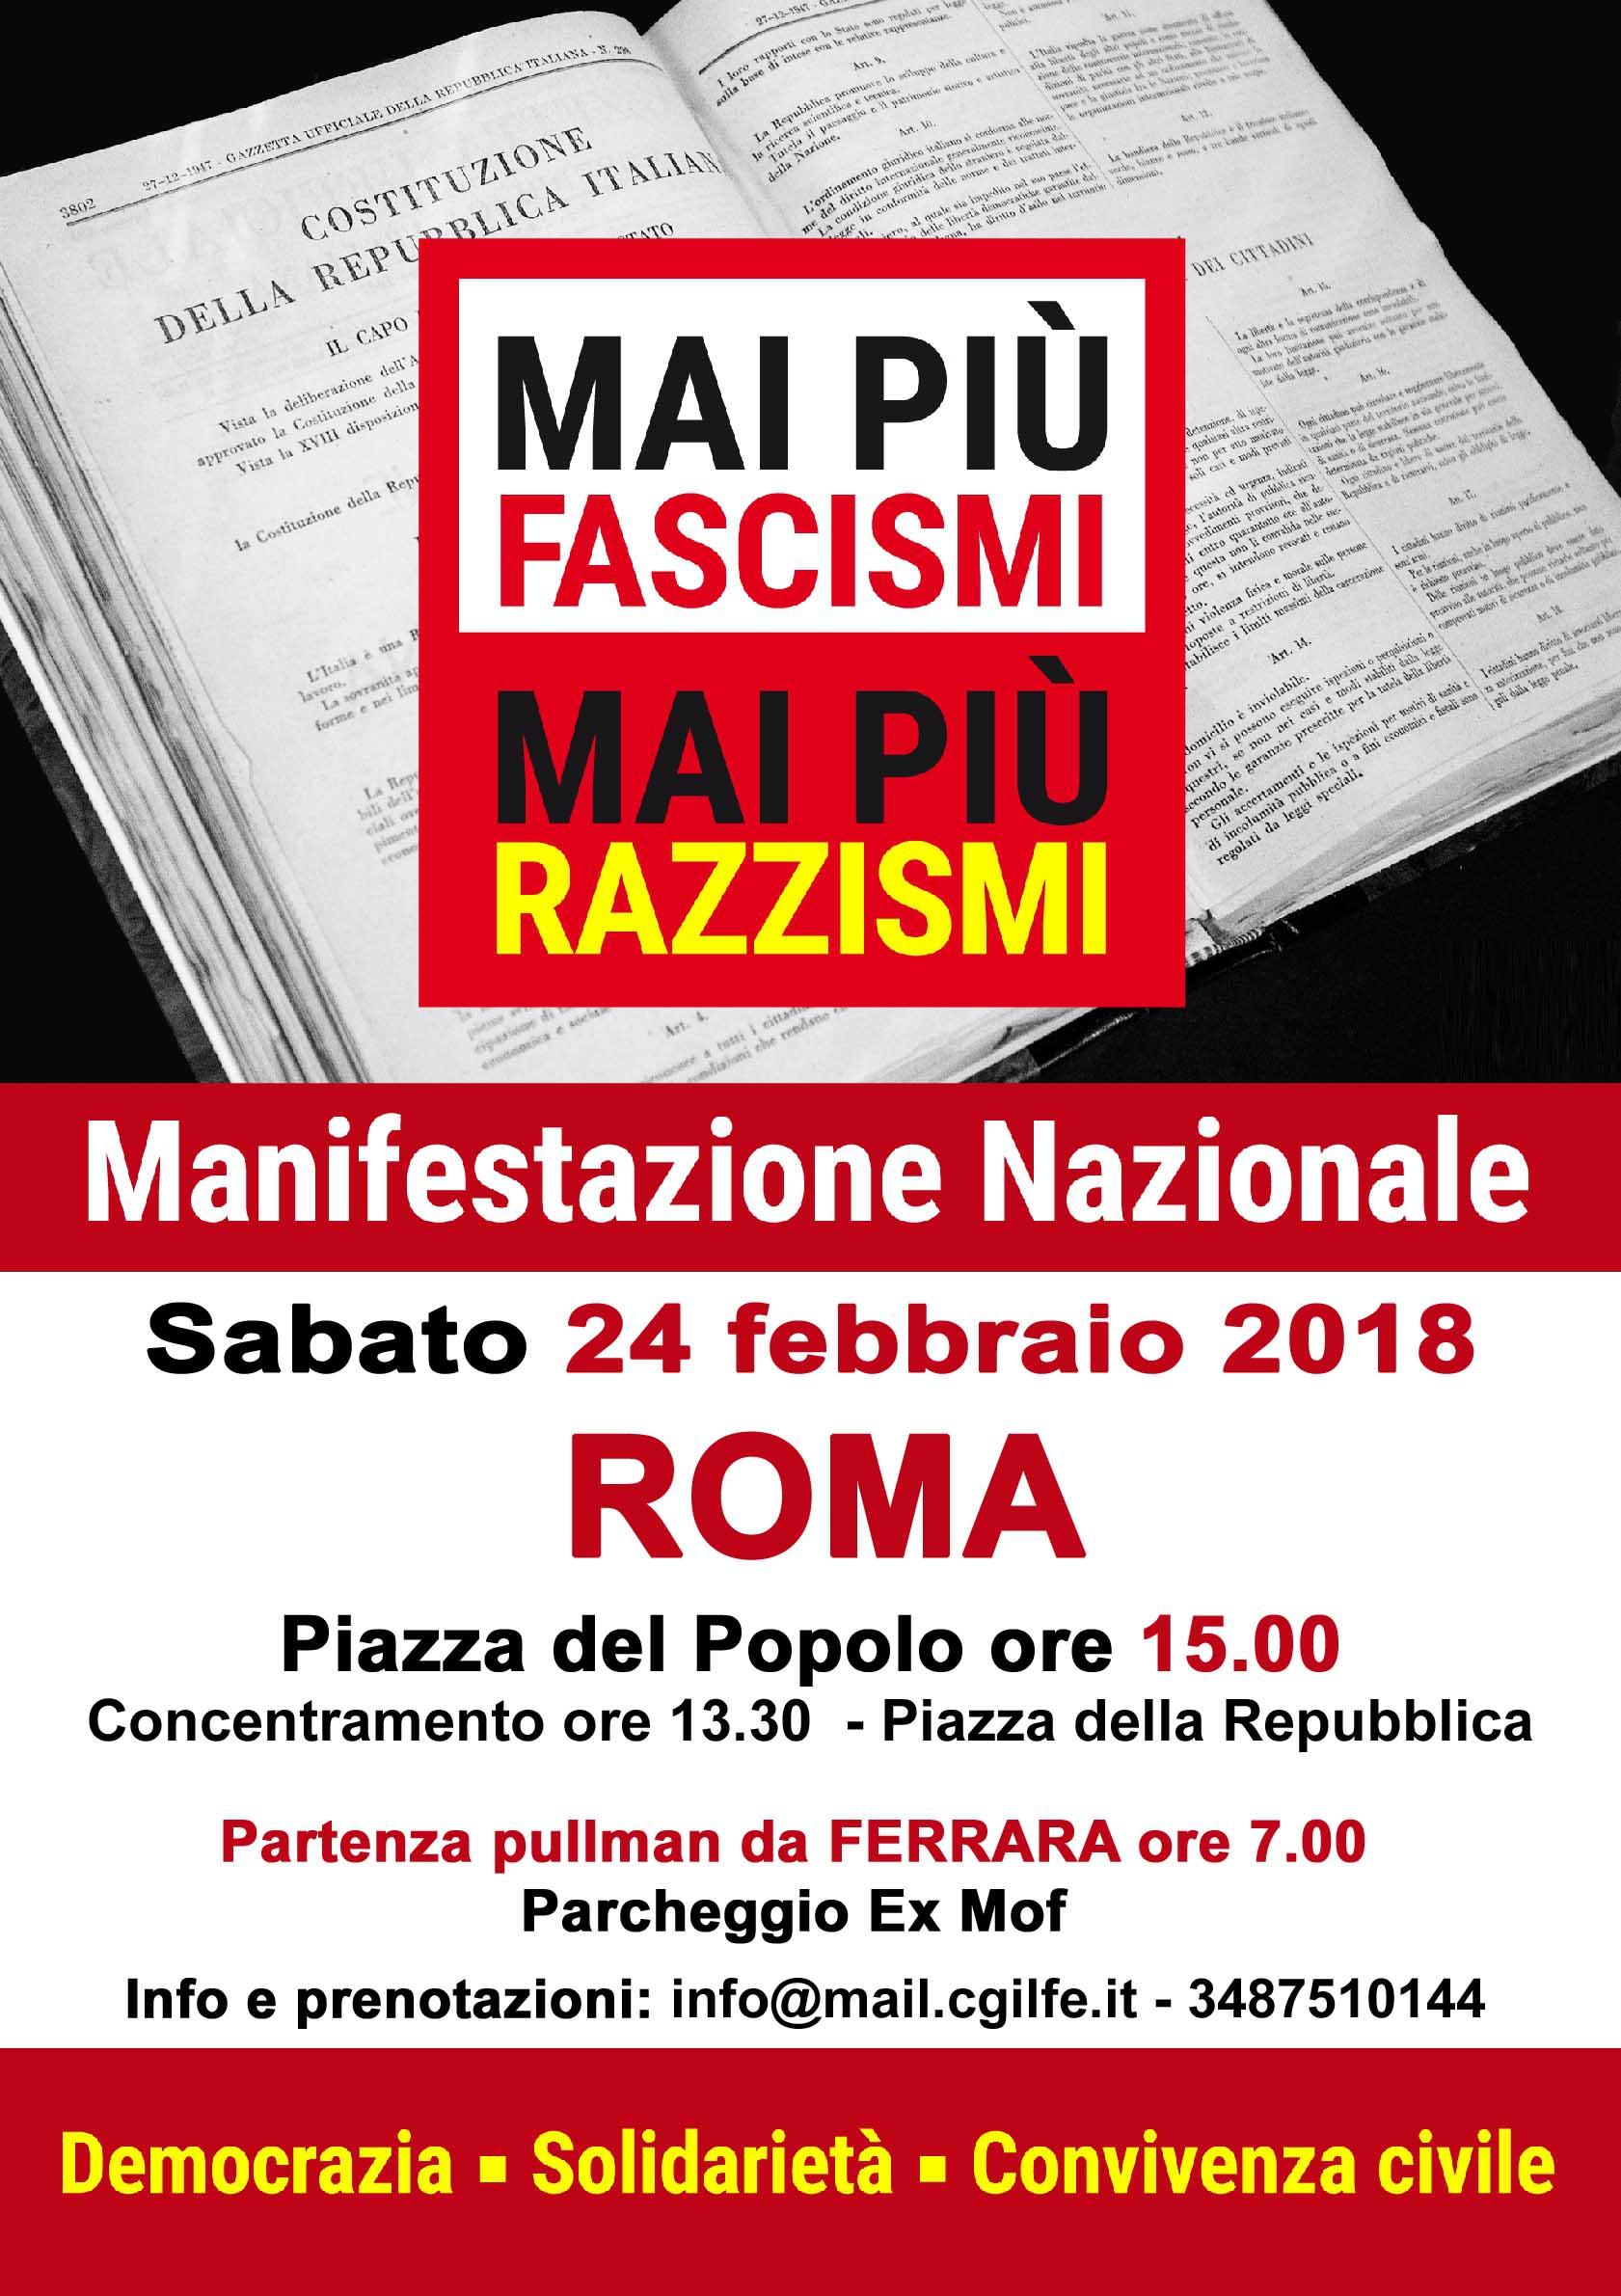 MAI PIU' FASCISMI: manifestazione nazionale sabato 24 febbraio a Roma